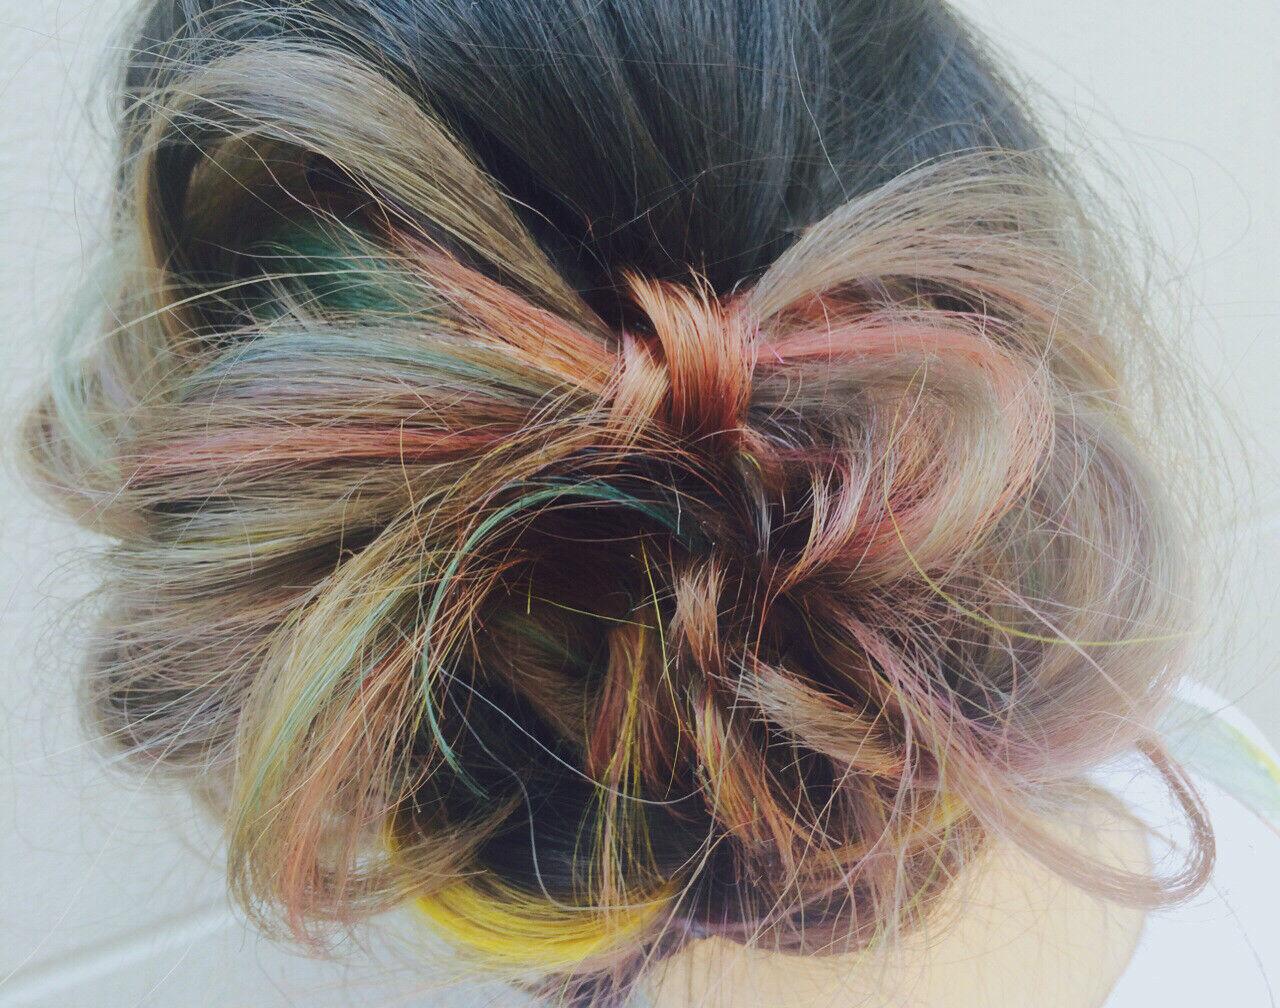 ヘアアレンジ ストリート セミロング ダブルカラーヘアスタイルや髪型の写真・画像